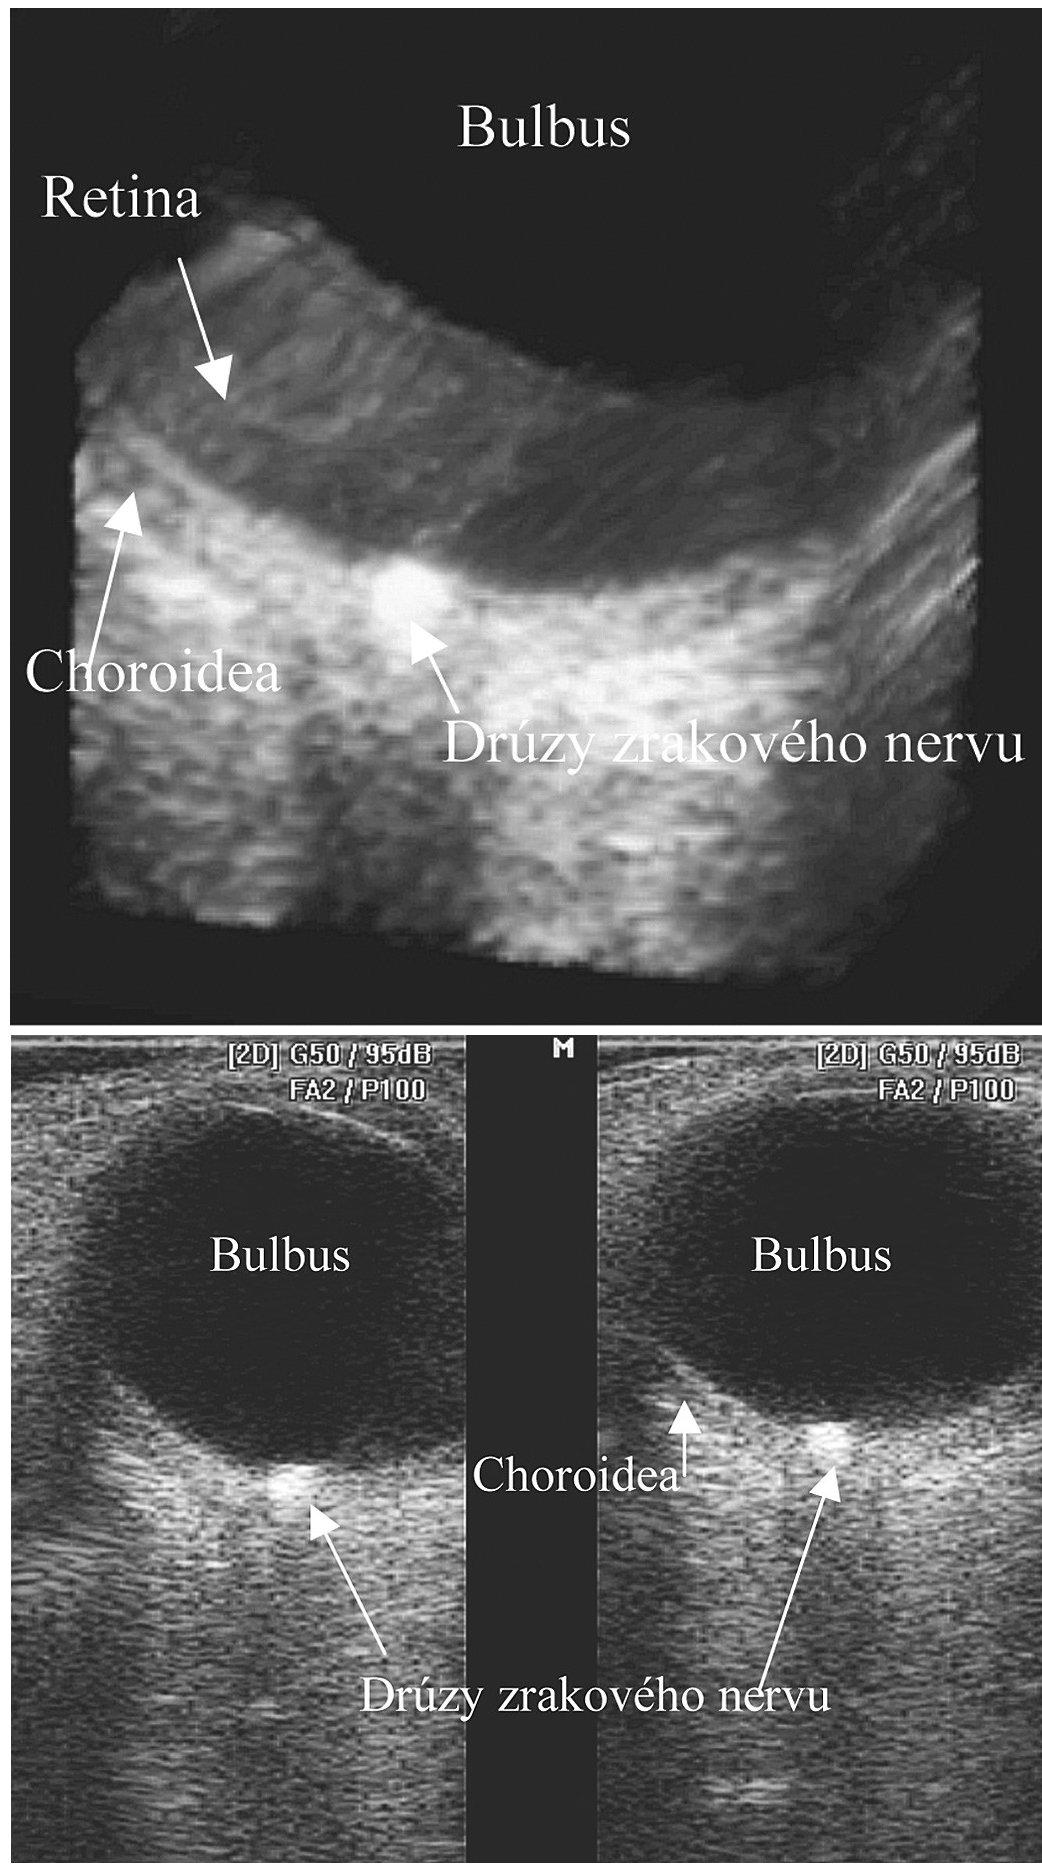 a. 2D USG drúzovitej formácie v hlave zrakového nervu b. 3D USG drúzovitej formácie v hlave zrakového nervu